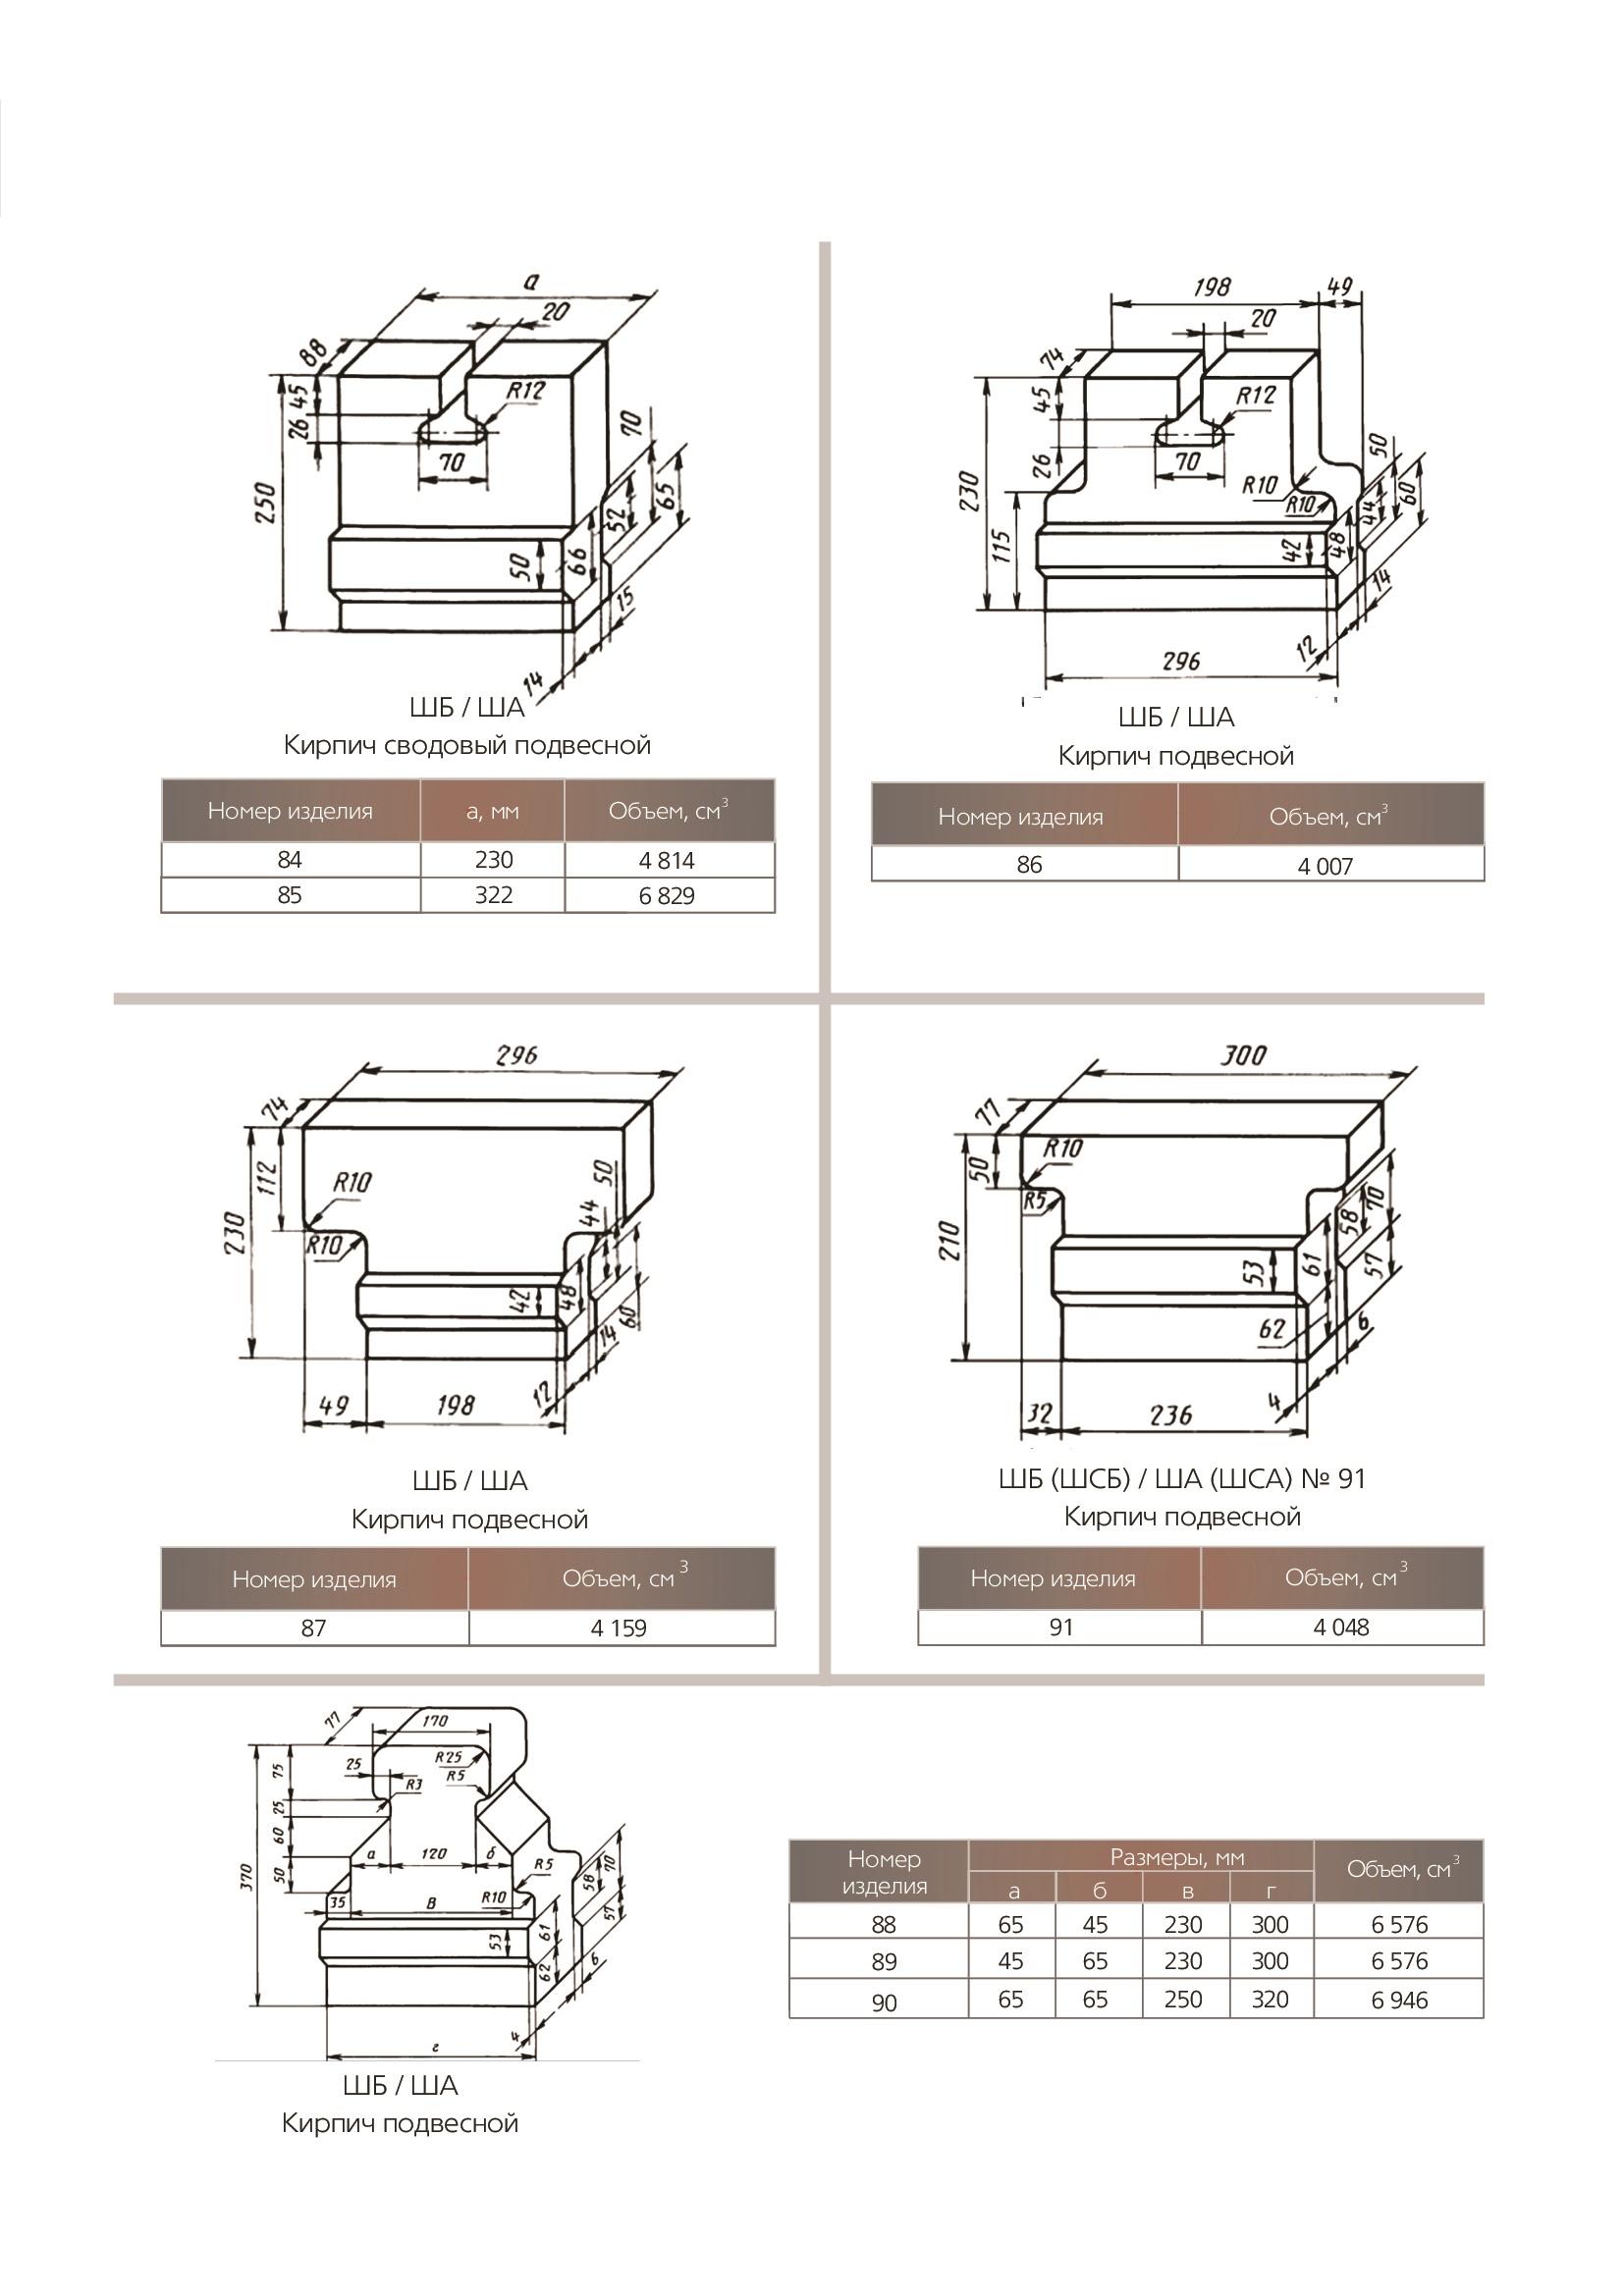 Изделия шамотные фасонные сложные и особосложные марок ША и ШБ